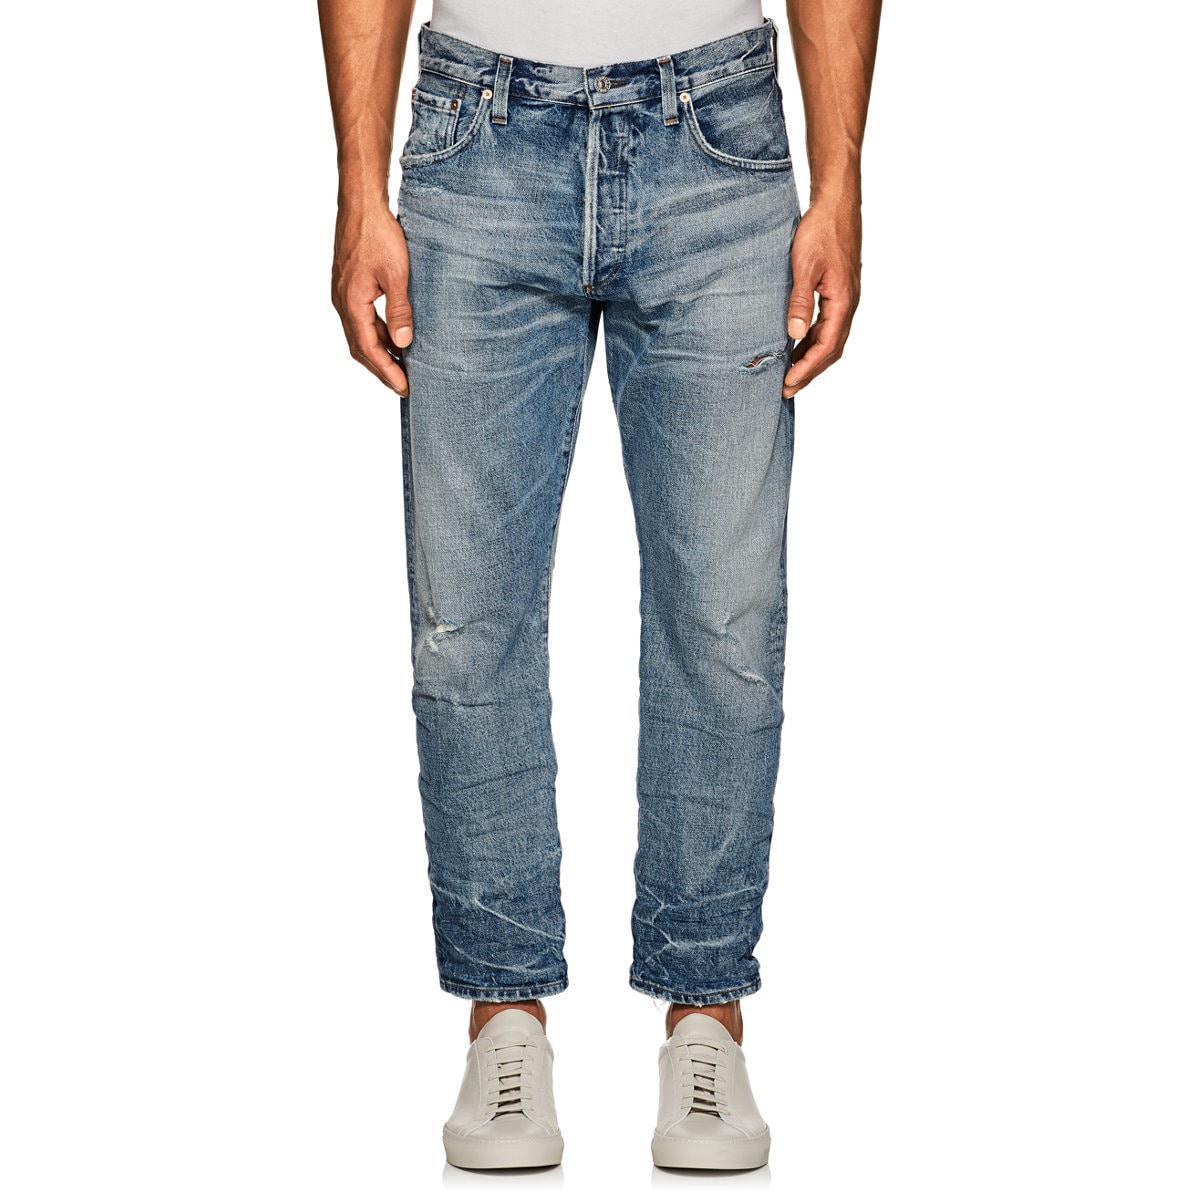 Hommes Sorbier Jeans Culture Citoyens De L'humanité hwhZAob